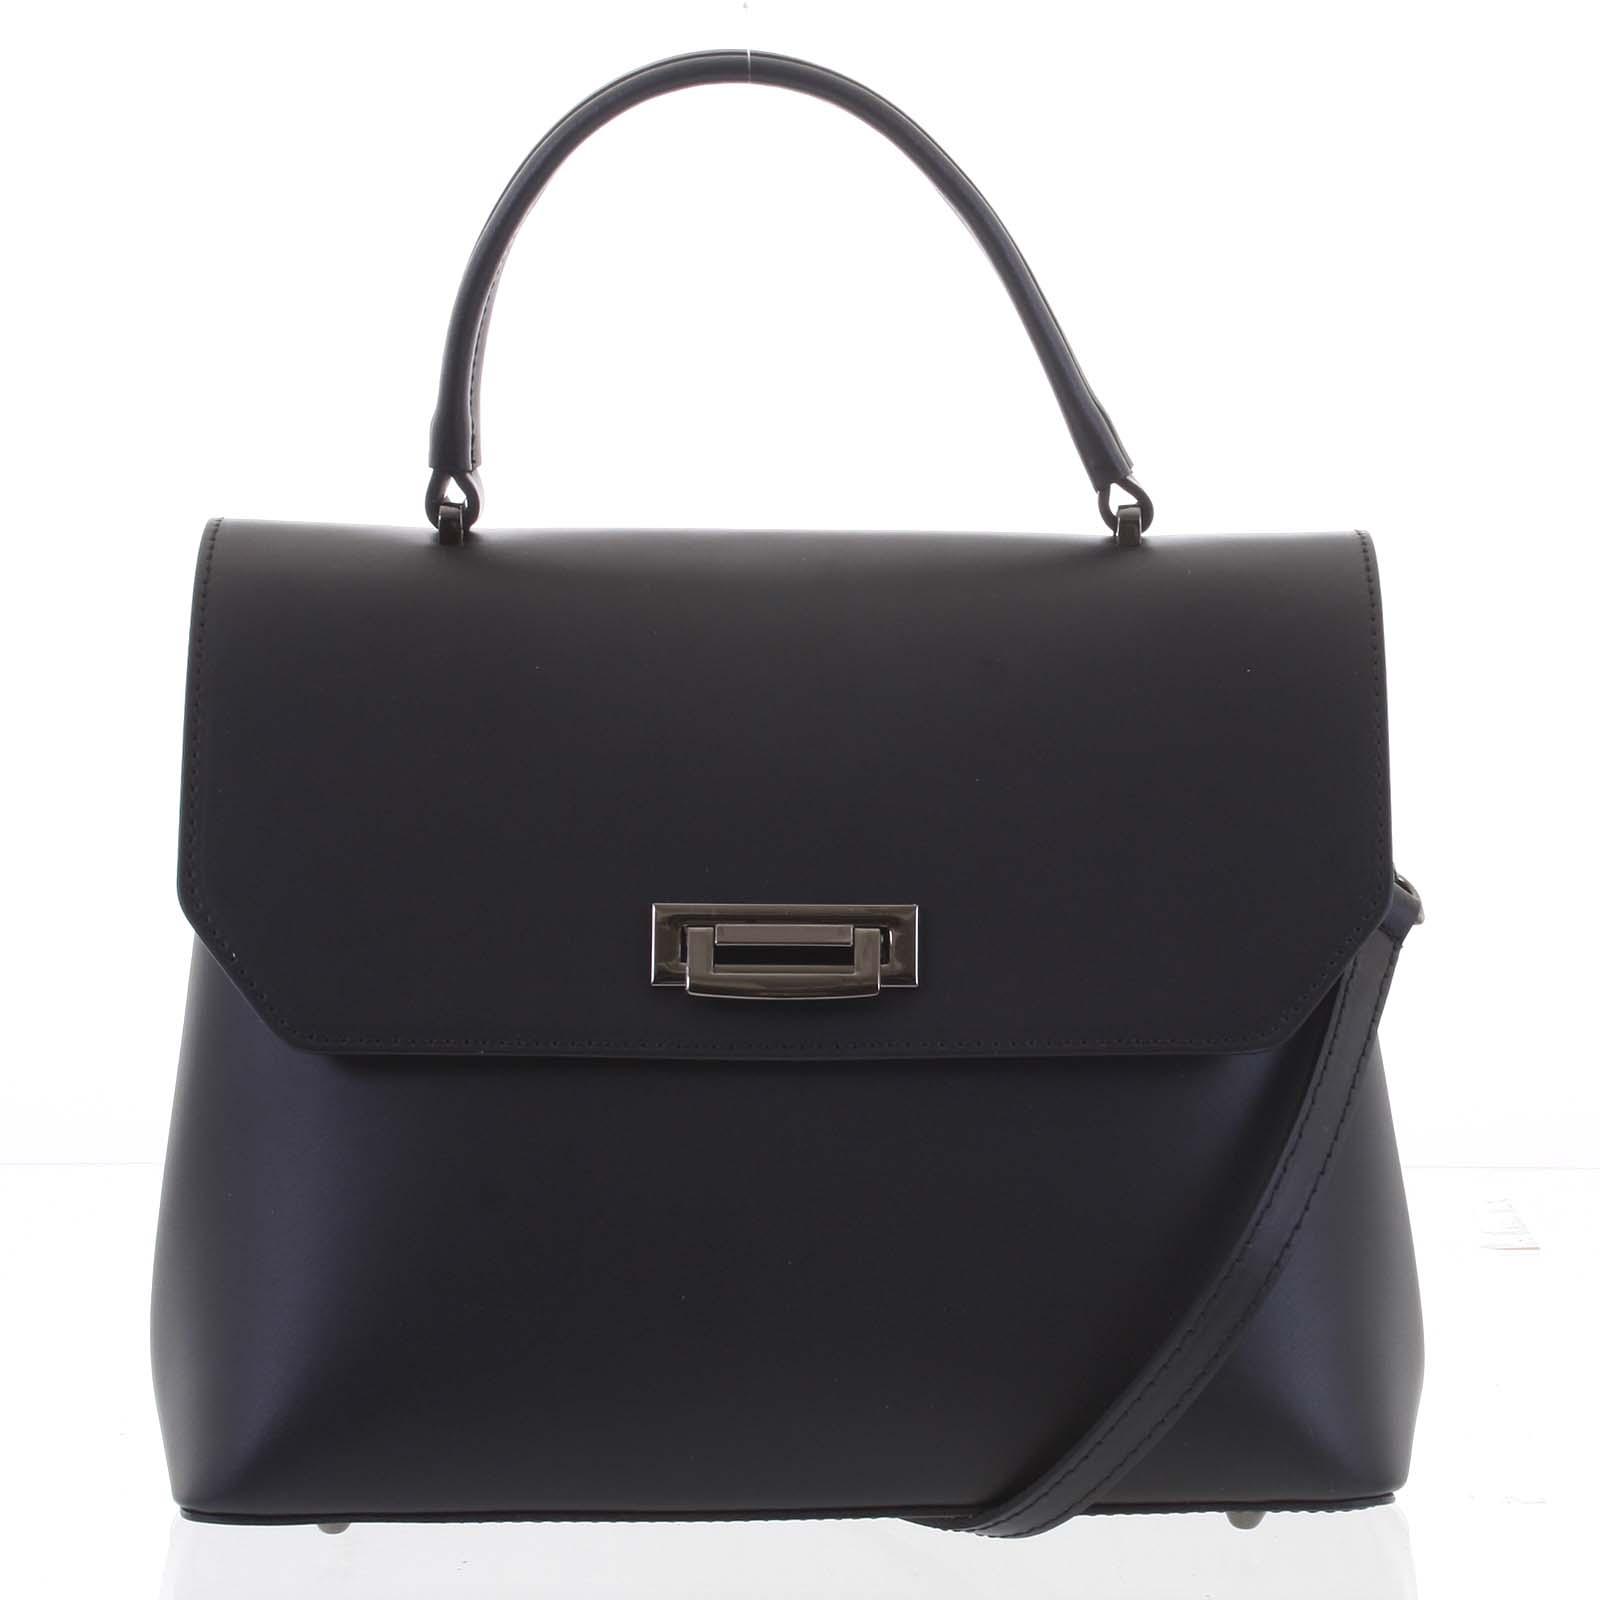 Originálna hladká čierna dámska kabelka do ruky - ItalY Neolila čierna